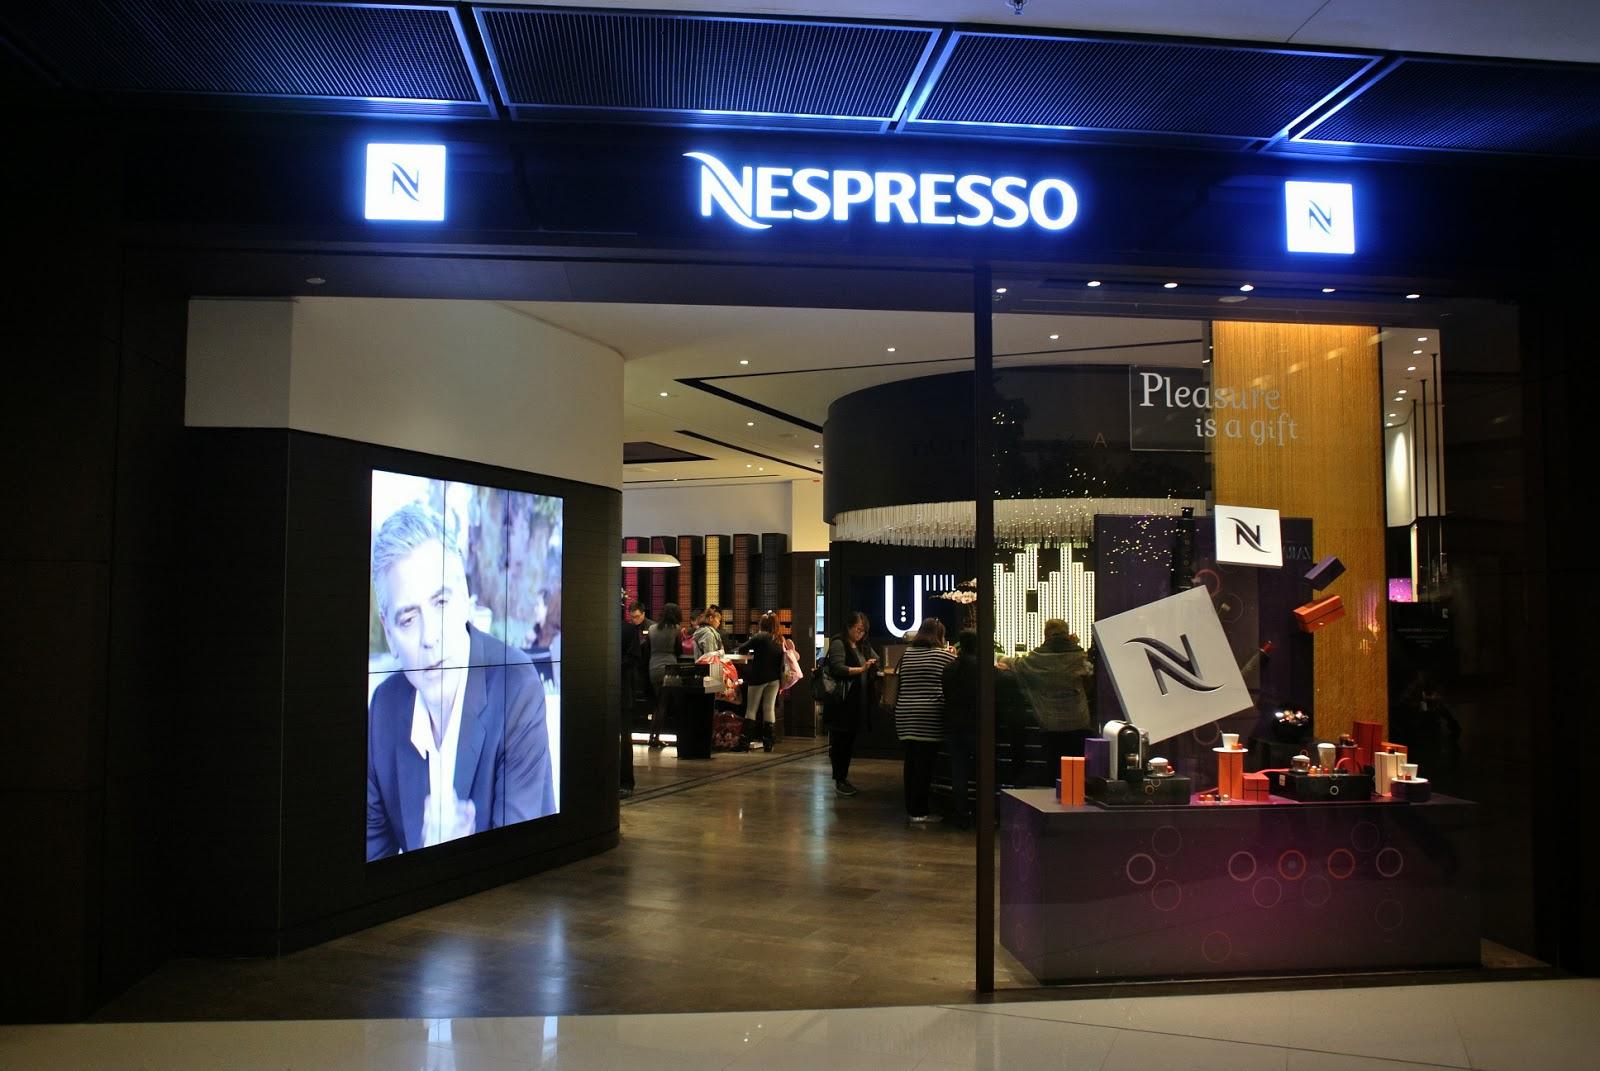 甜魔媽媽新天地: Nespresso 國際金融中心專門店遷入新址 ~ 全新昇華咖啡體驗